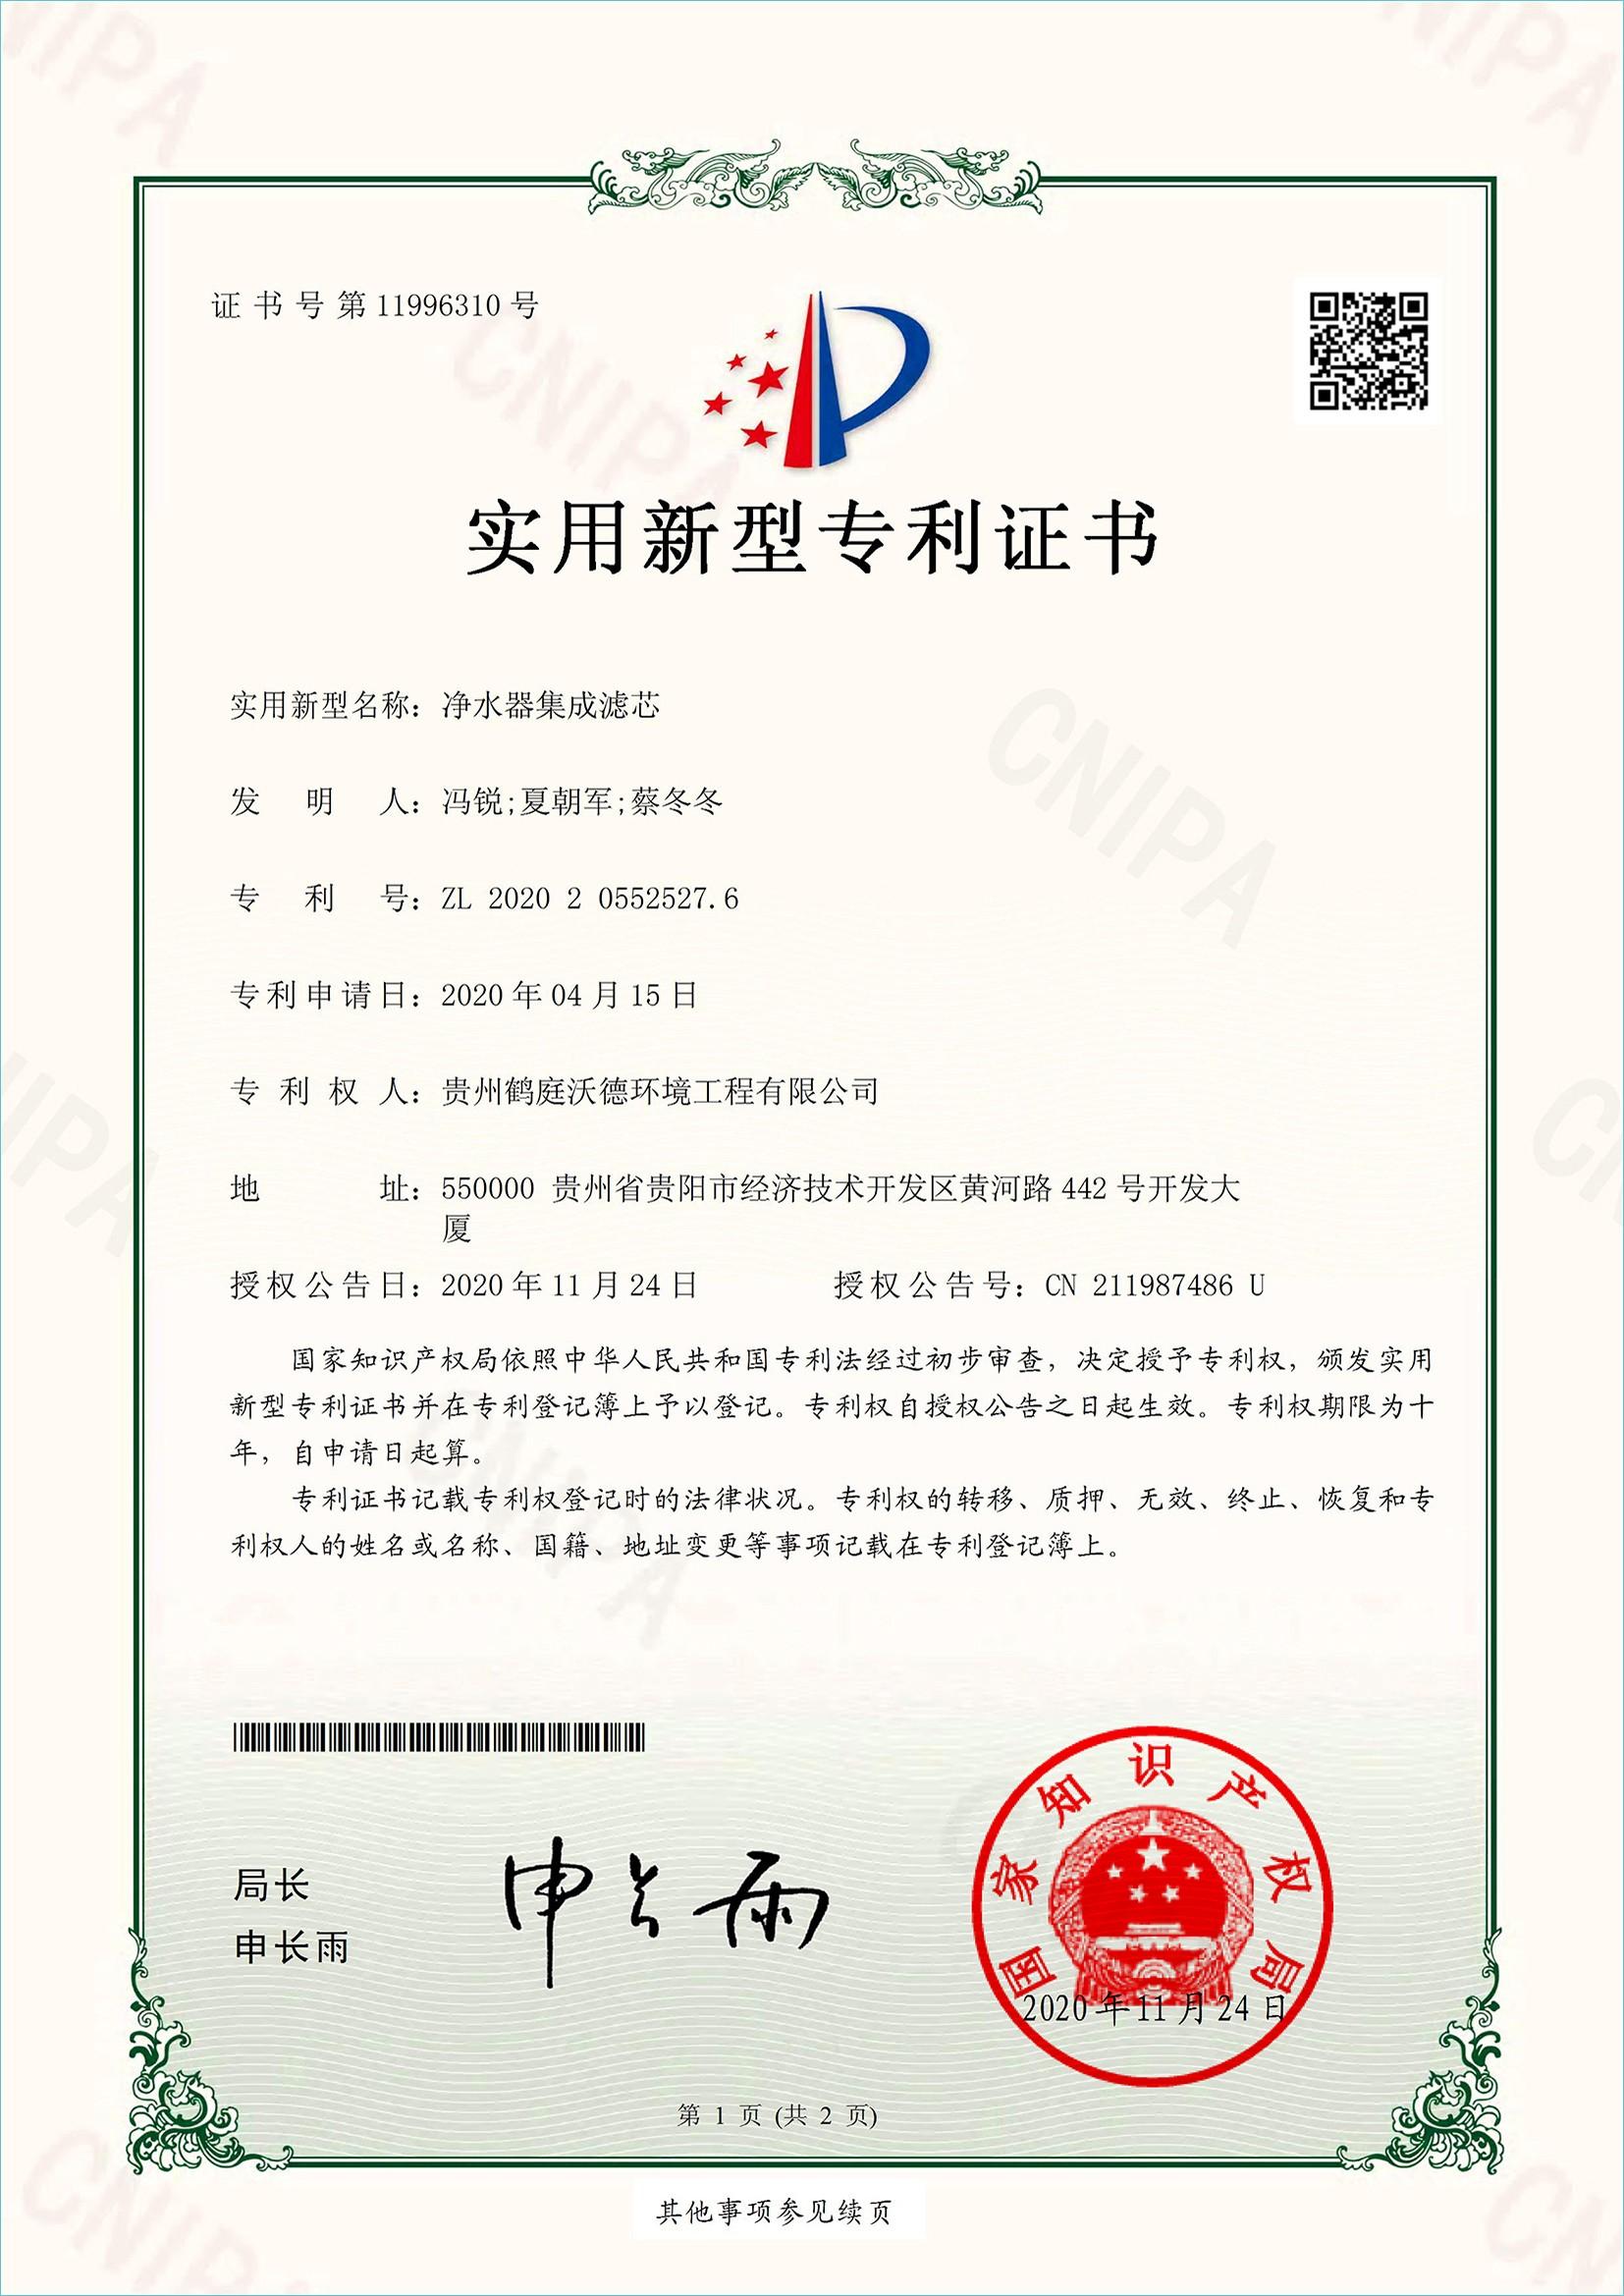 鹤庭专利证书5件_04